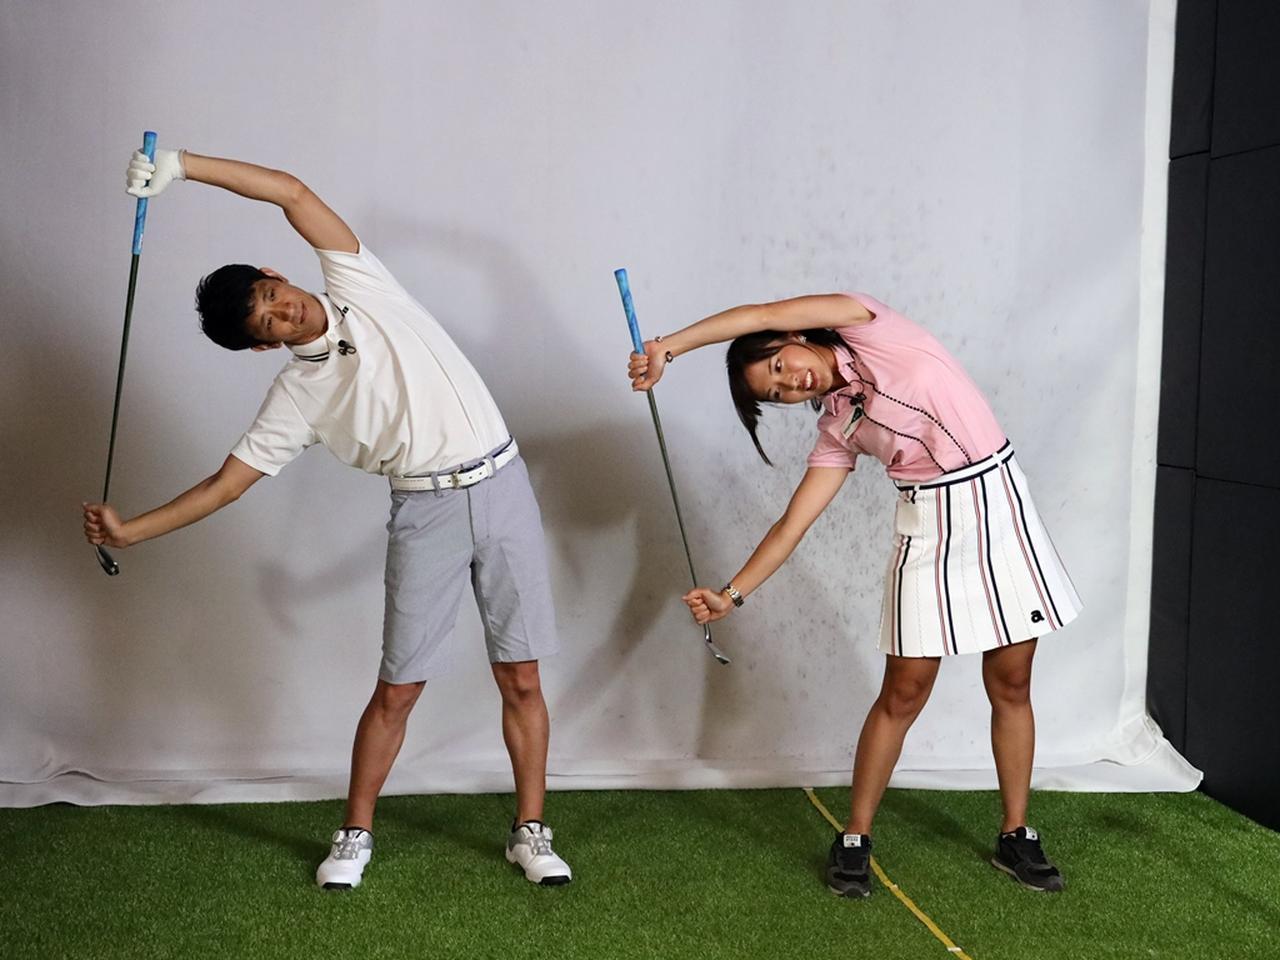 画像: クラブの両端を持ちバンザイの要領で上に持ち上げる。その体勢のまま体を横に倒そう